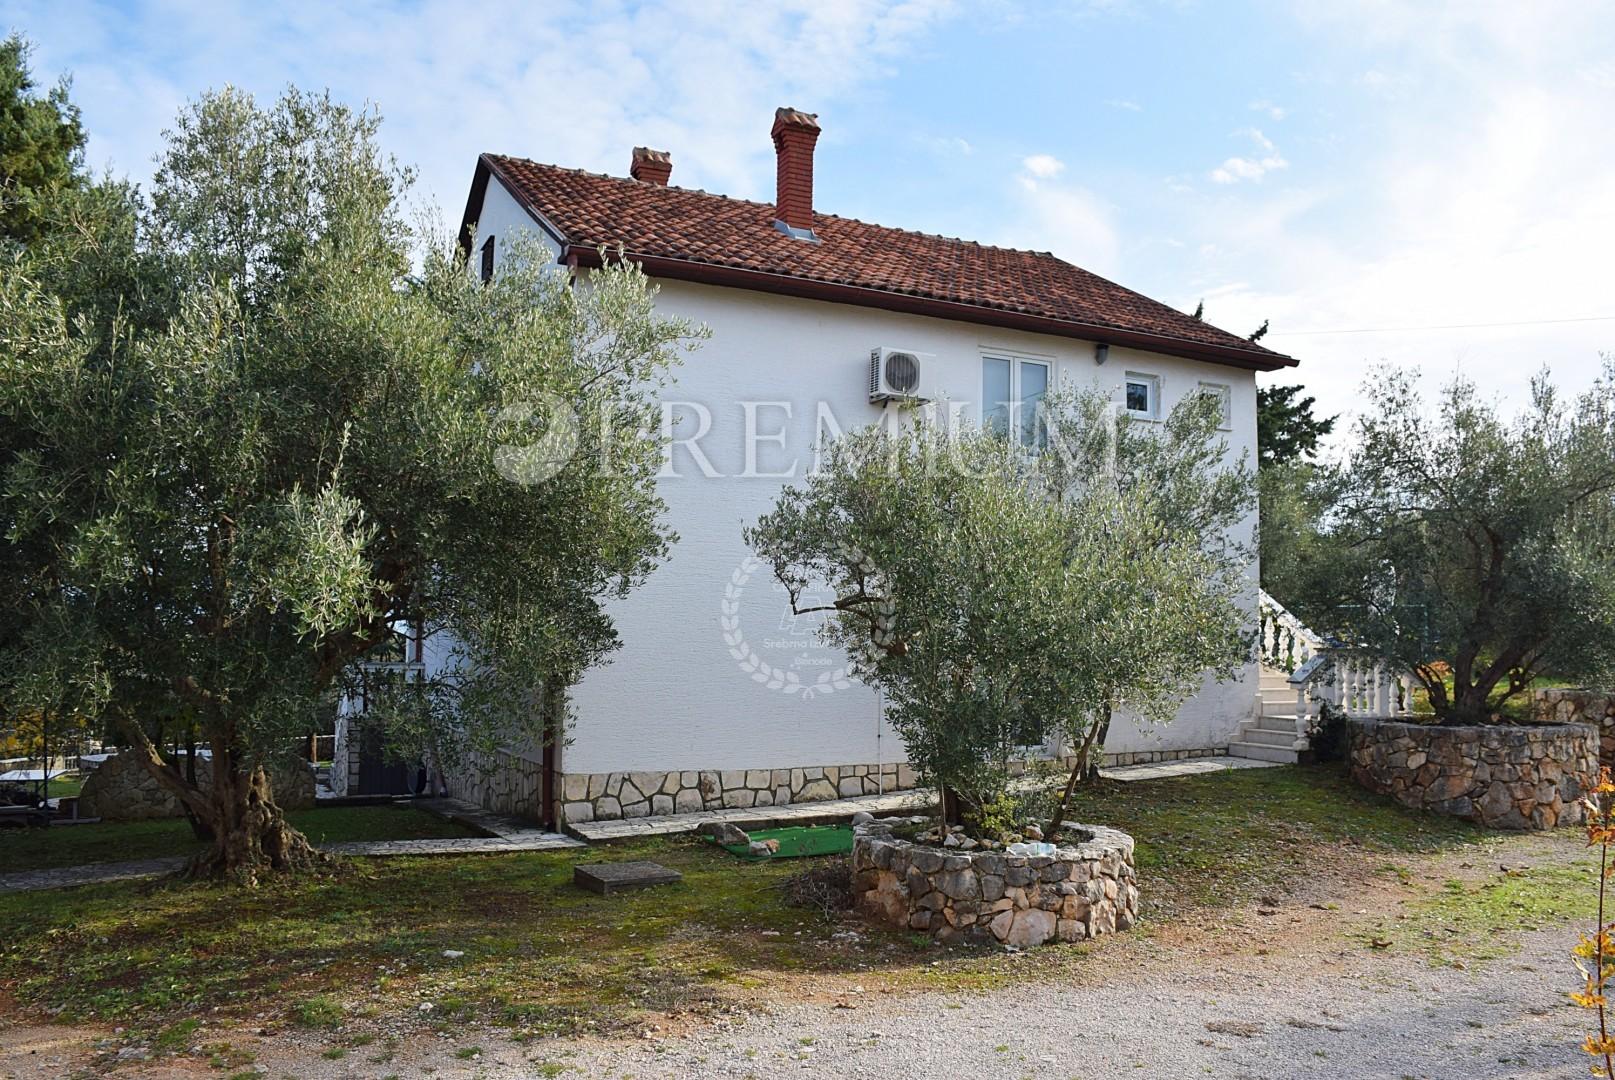 Zona di Šilo, vendita, casa indipendente con vista sul mare!